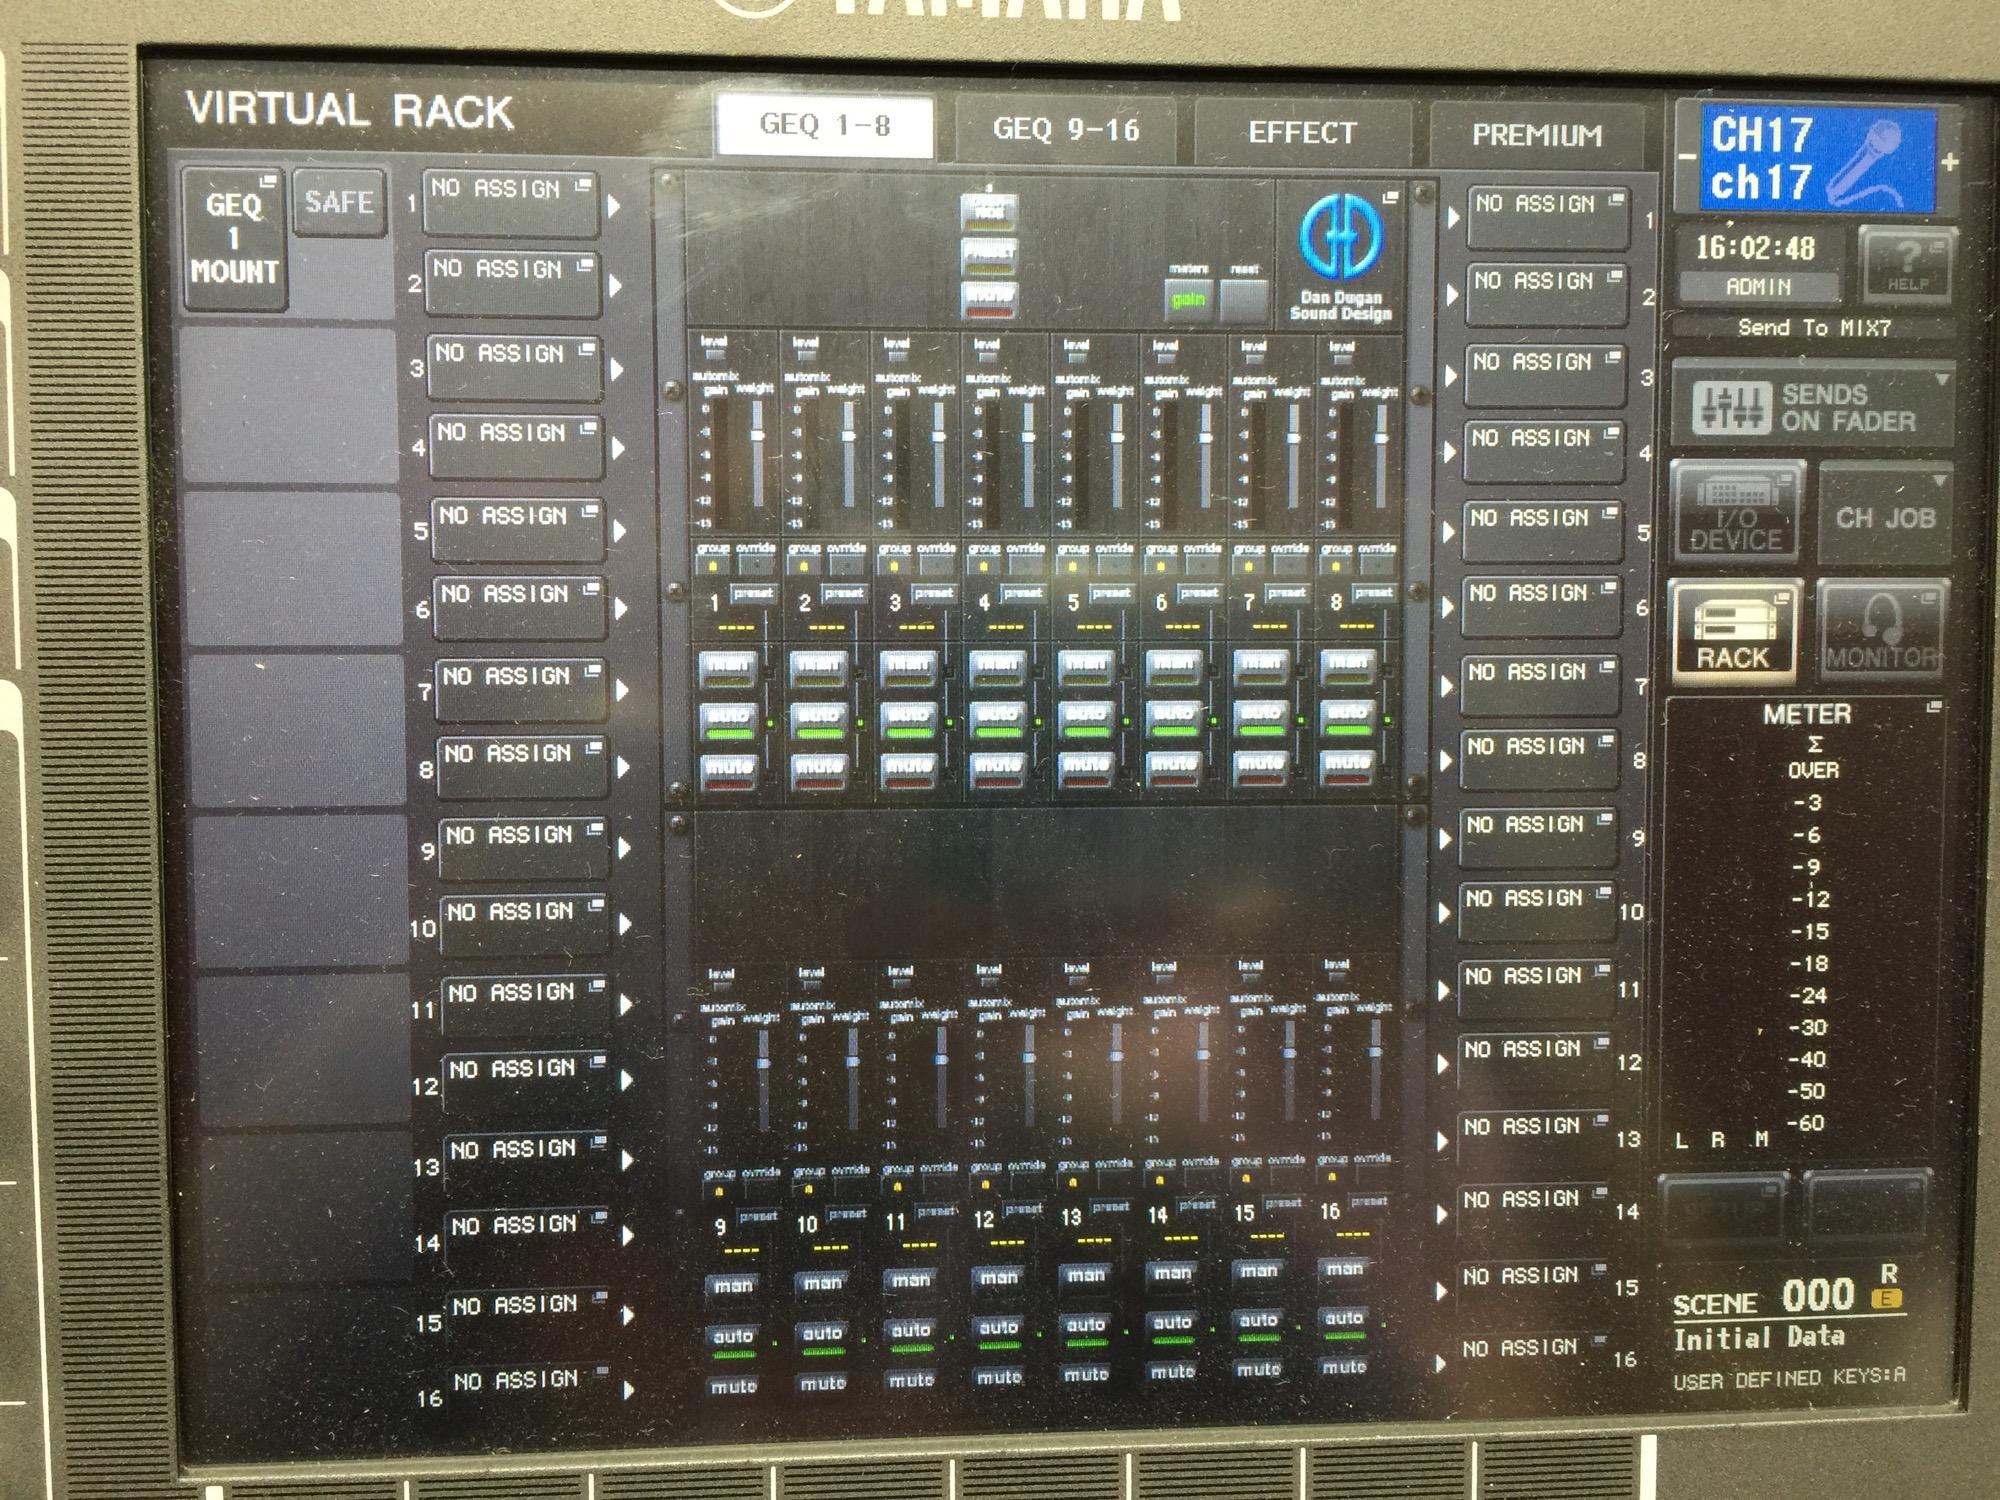 dugan授权的带自动音量调节技术的插件